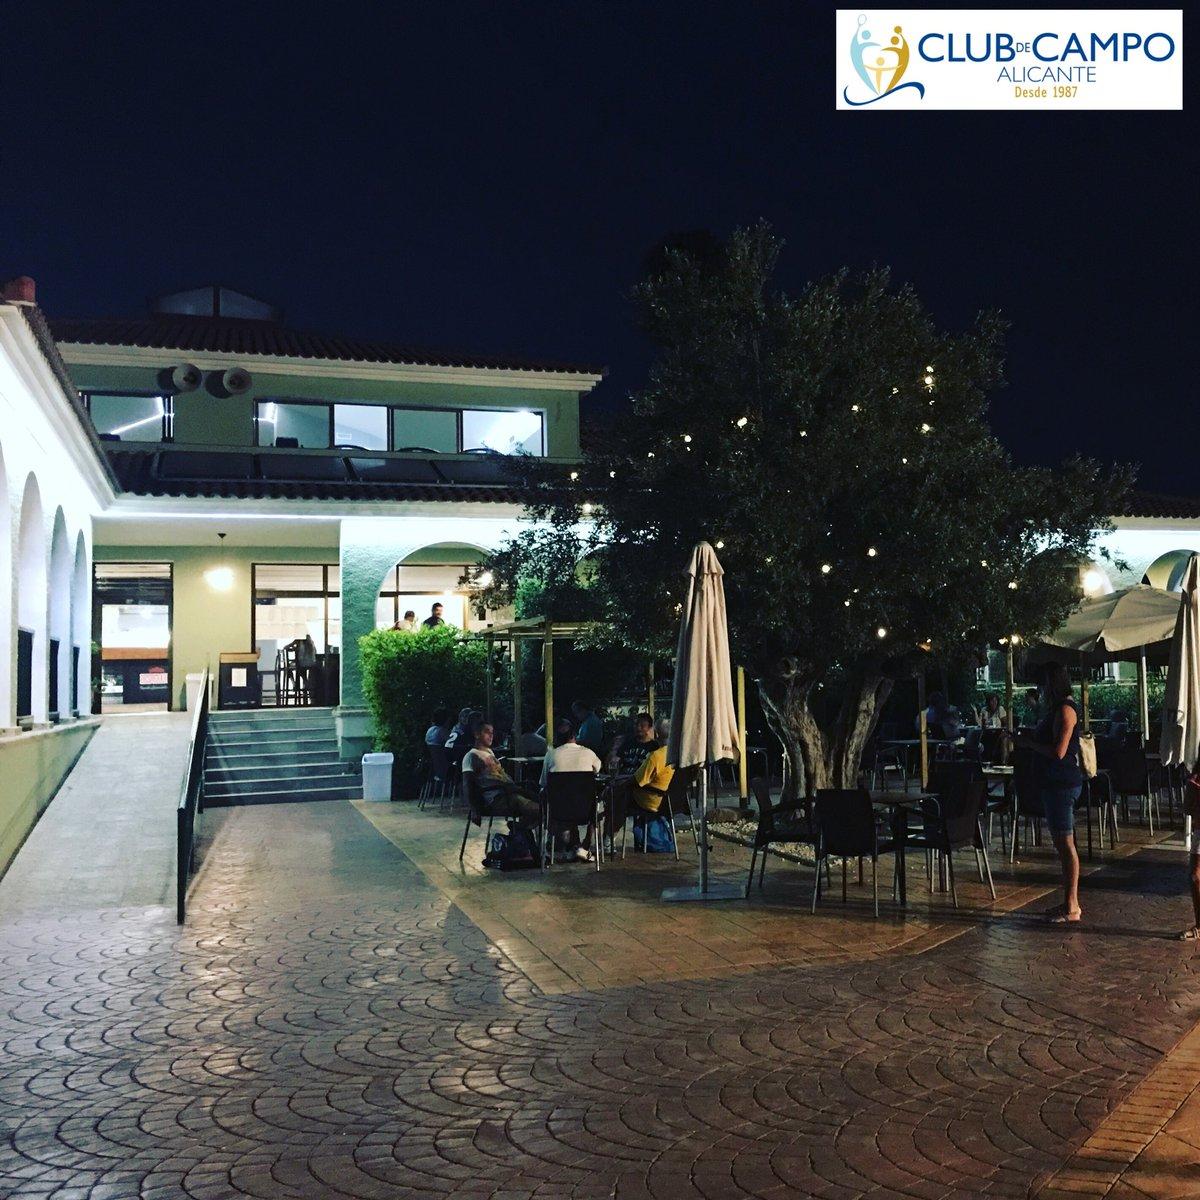 Club De Campo Alc على تويتر Te Esperamos En Nuestra